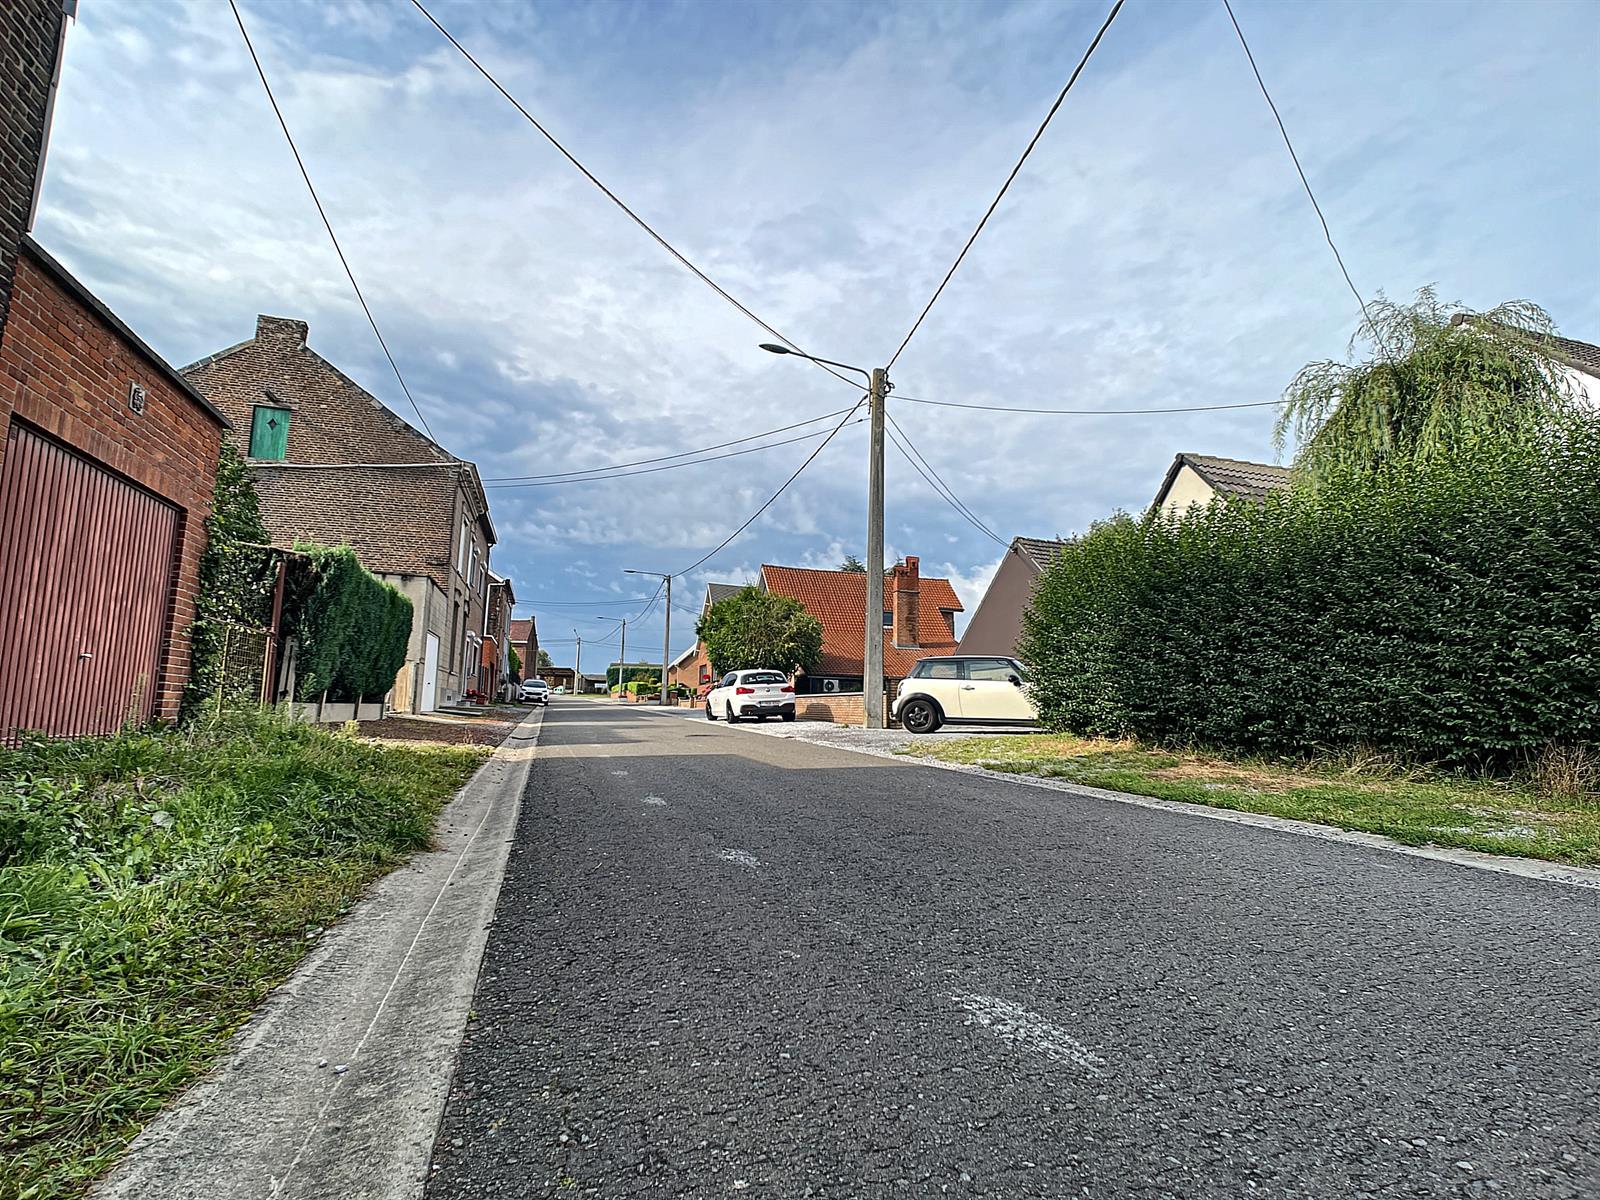 Maison - Courcelles - #4507256-2